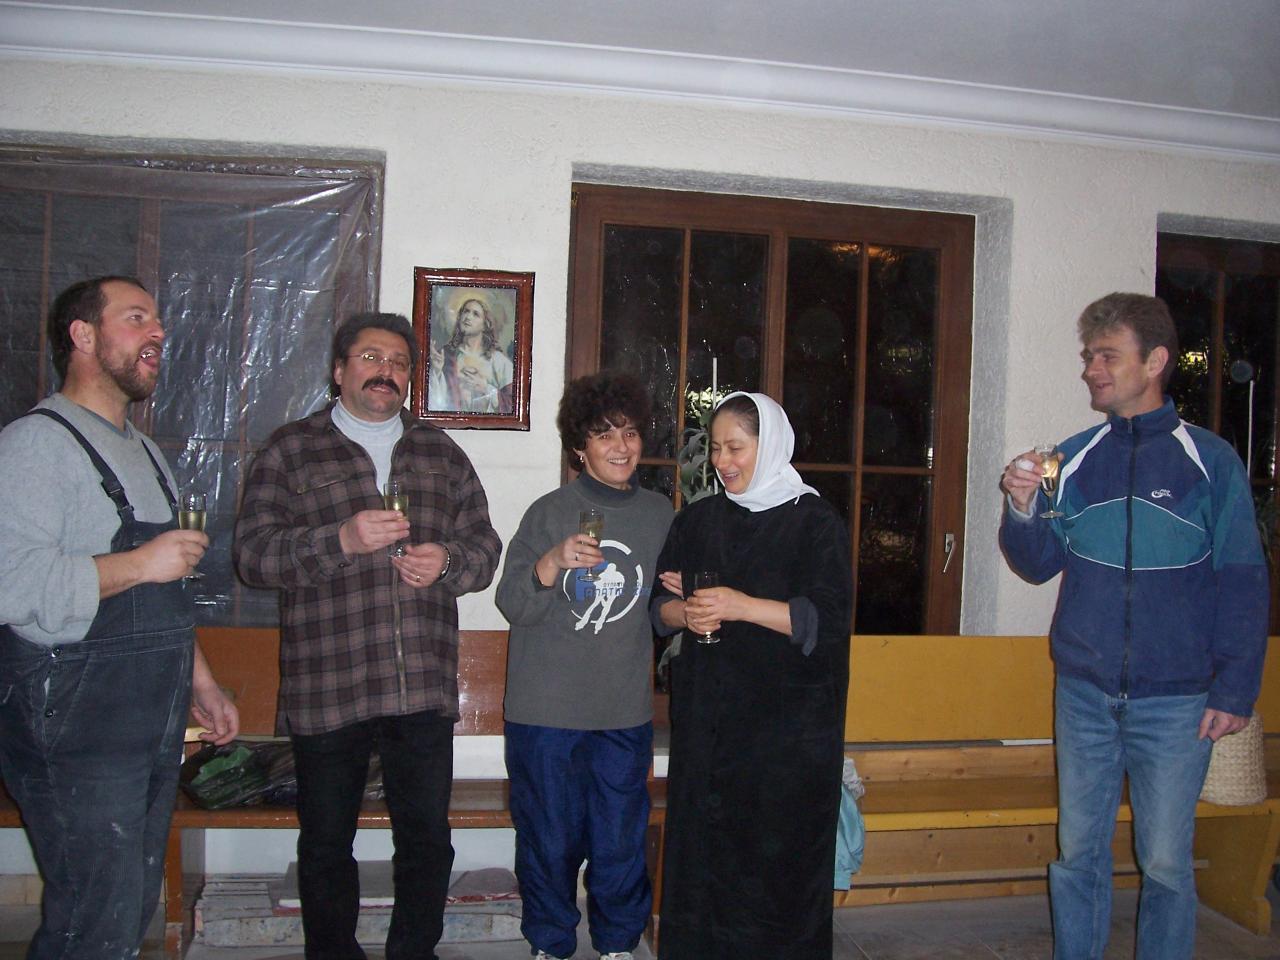 Decembrie, 10 - La Multi Ani în miez de noapte pentru d-l Tabacaru